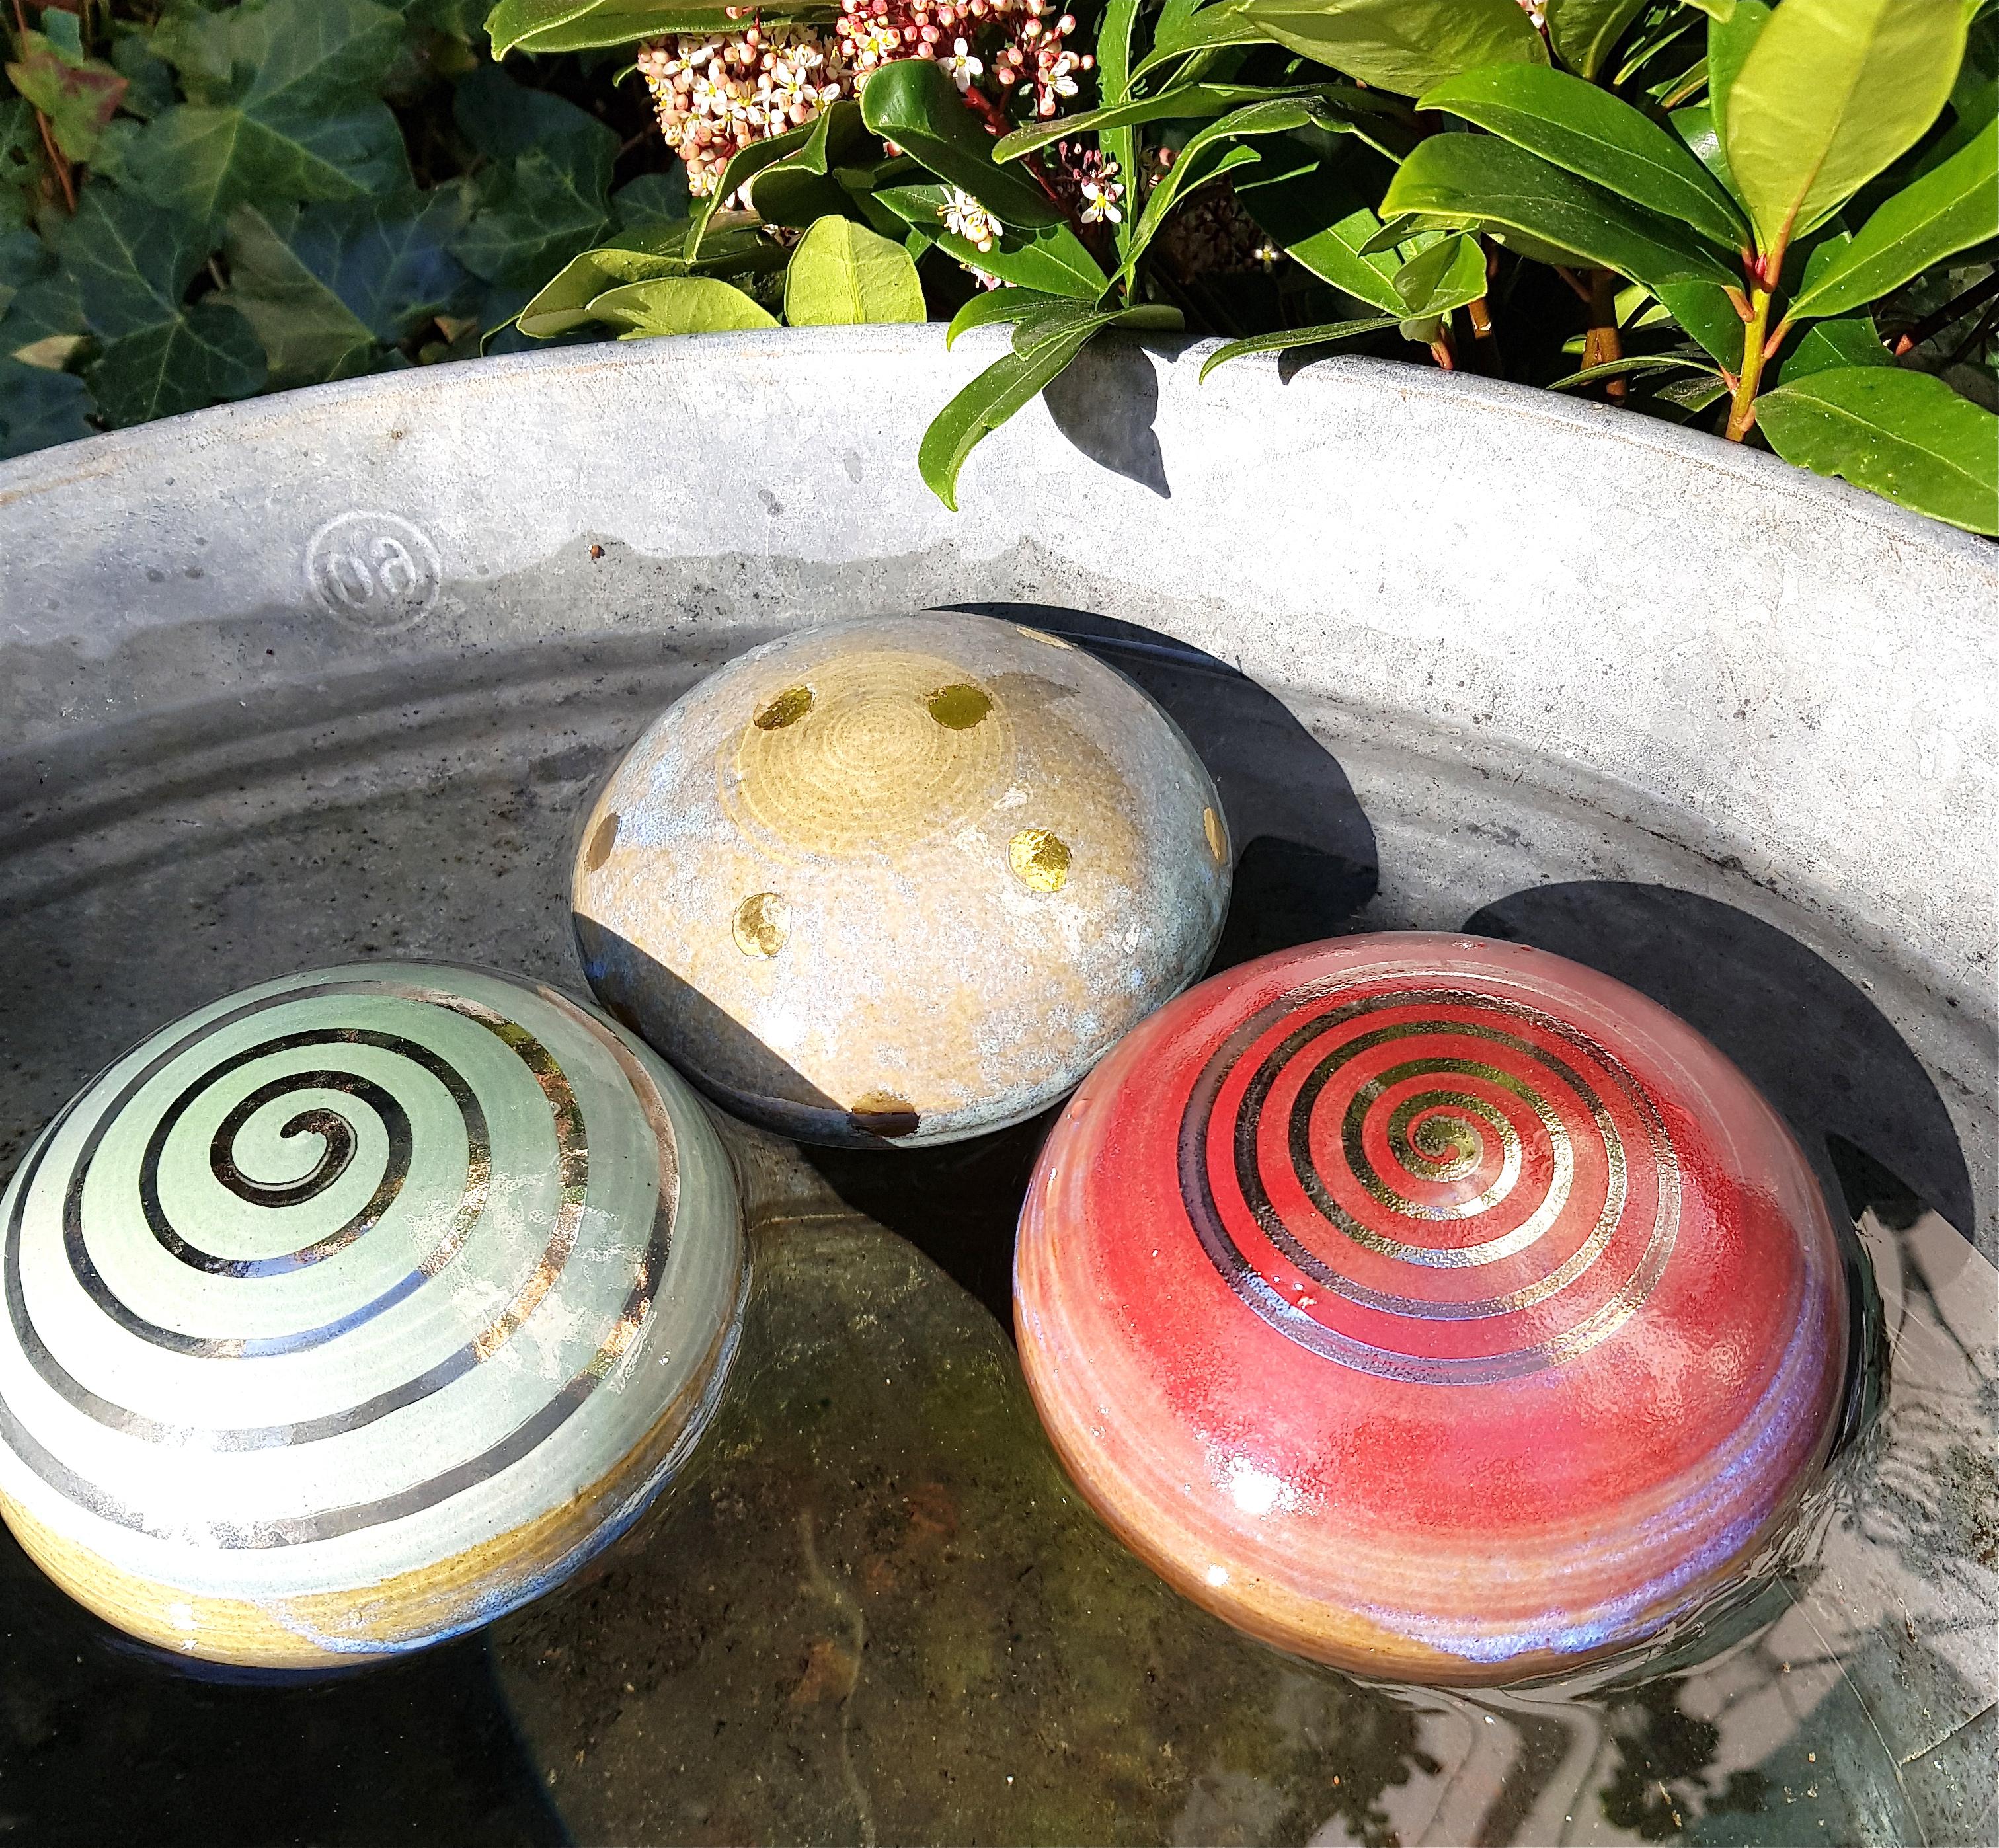 Wasserlinsen, Schwimmsteine, Gartendekoration, Keramik, handgedreht, vergoldet, Töpferei